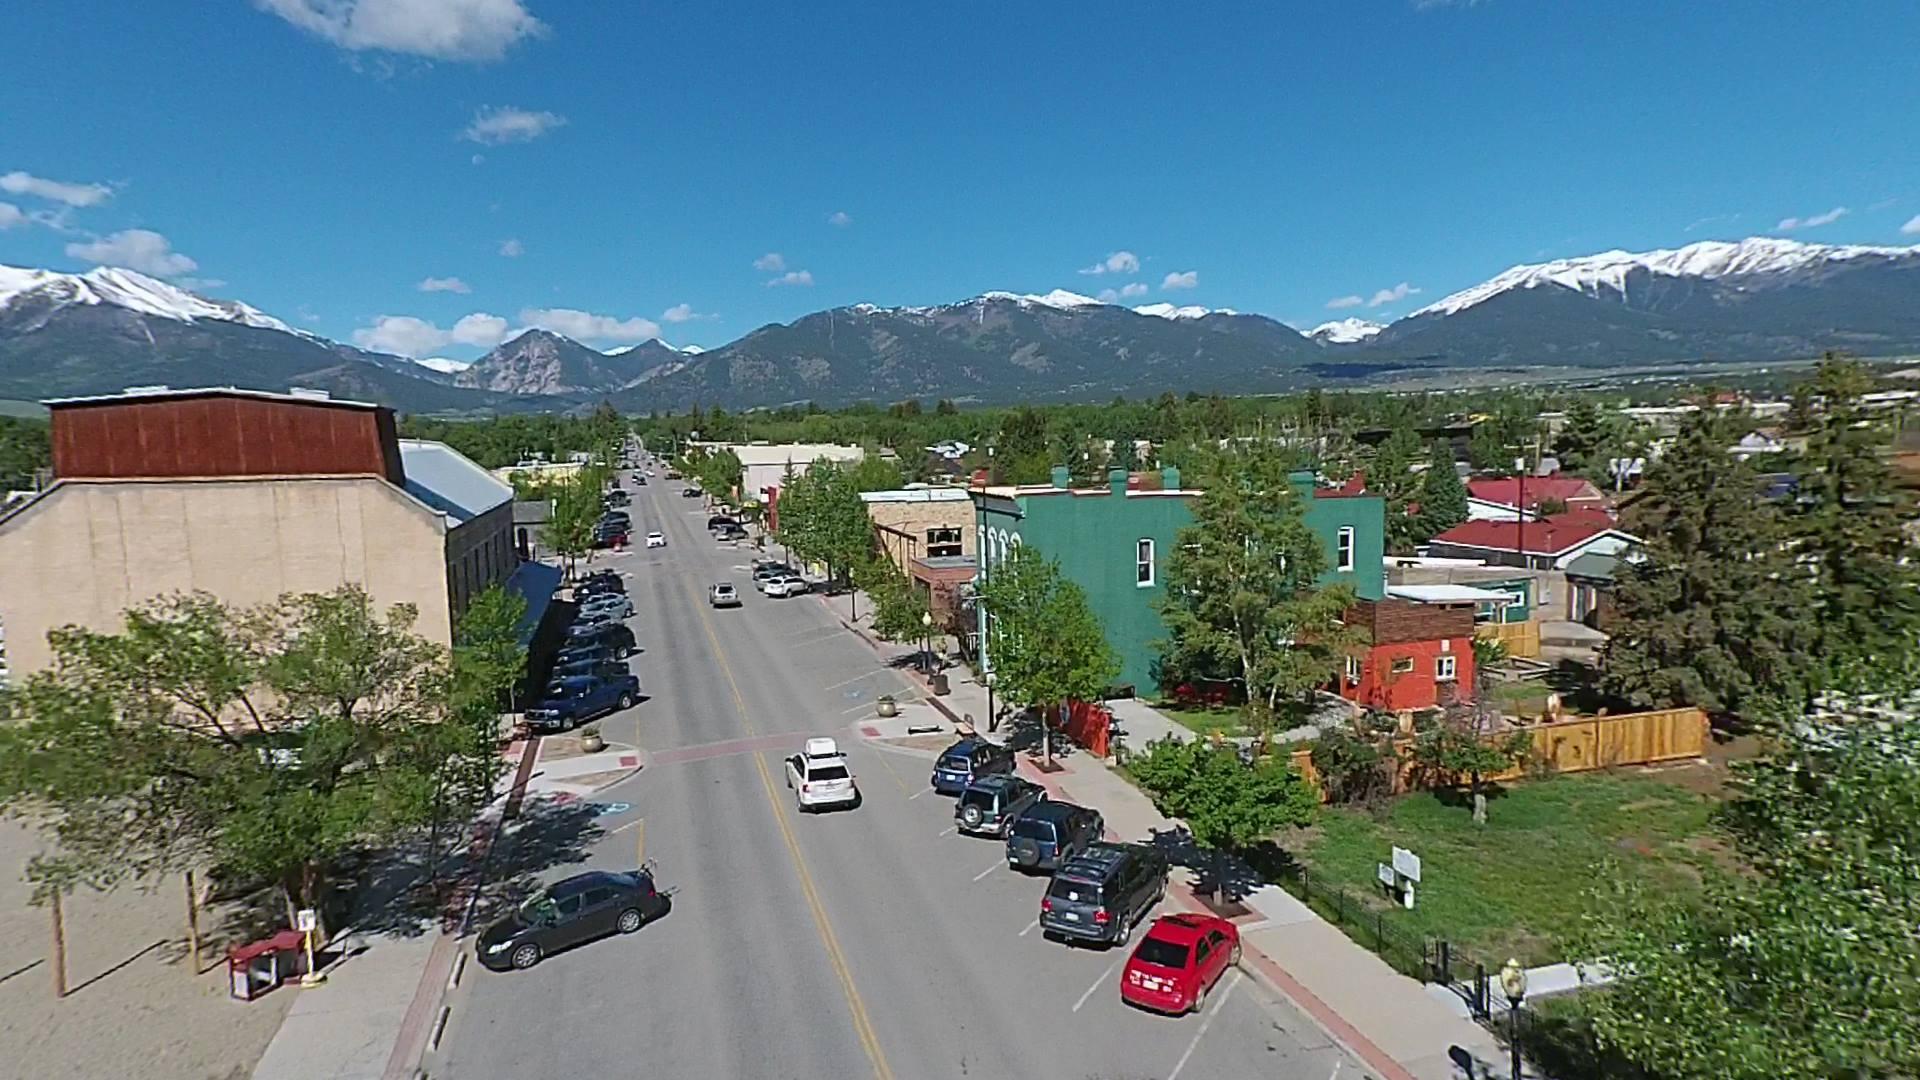 Buena Vista Colorado is a popular summer vacation destination.